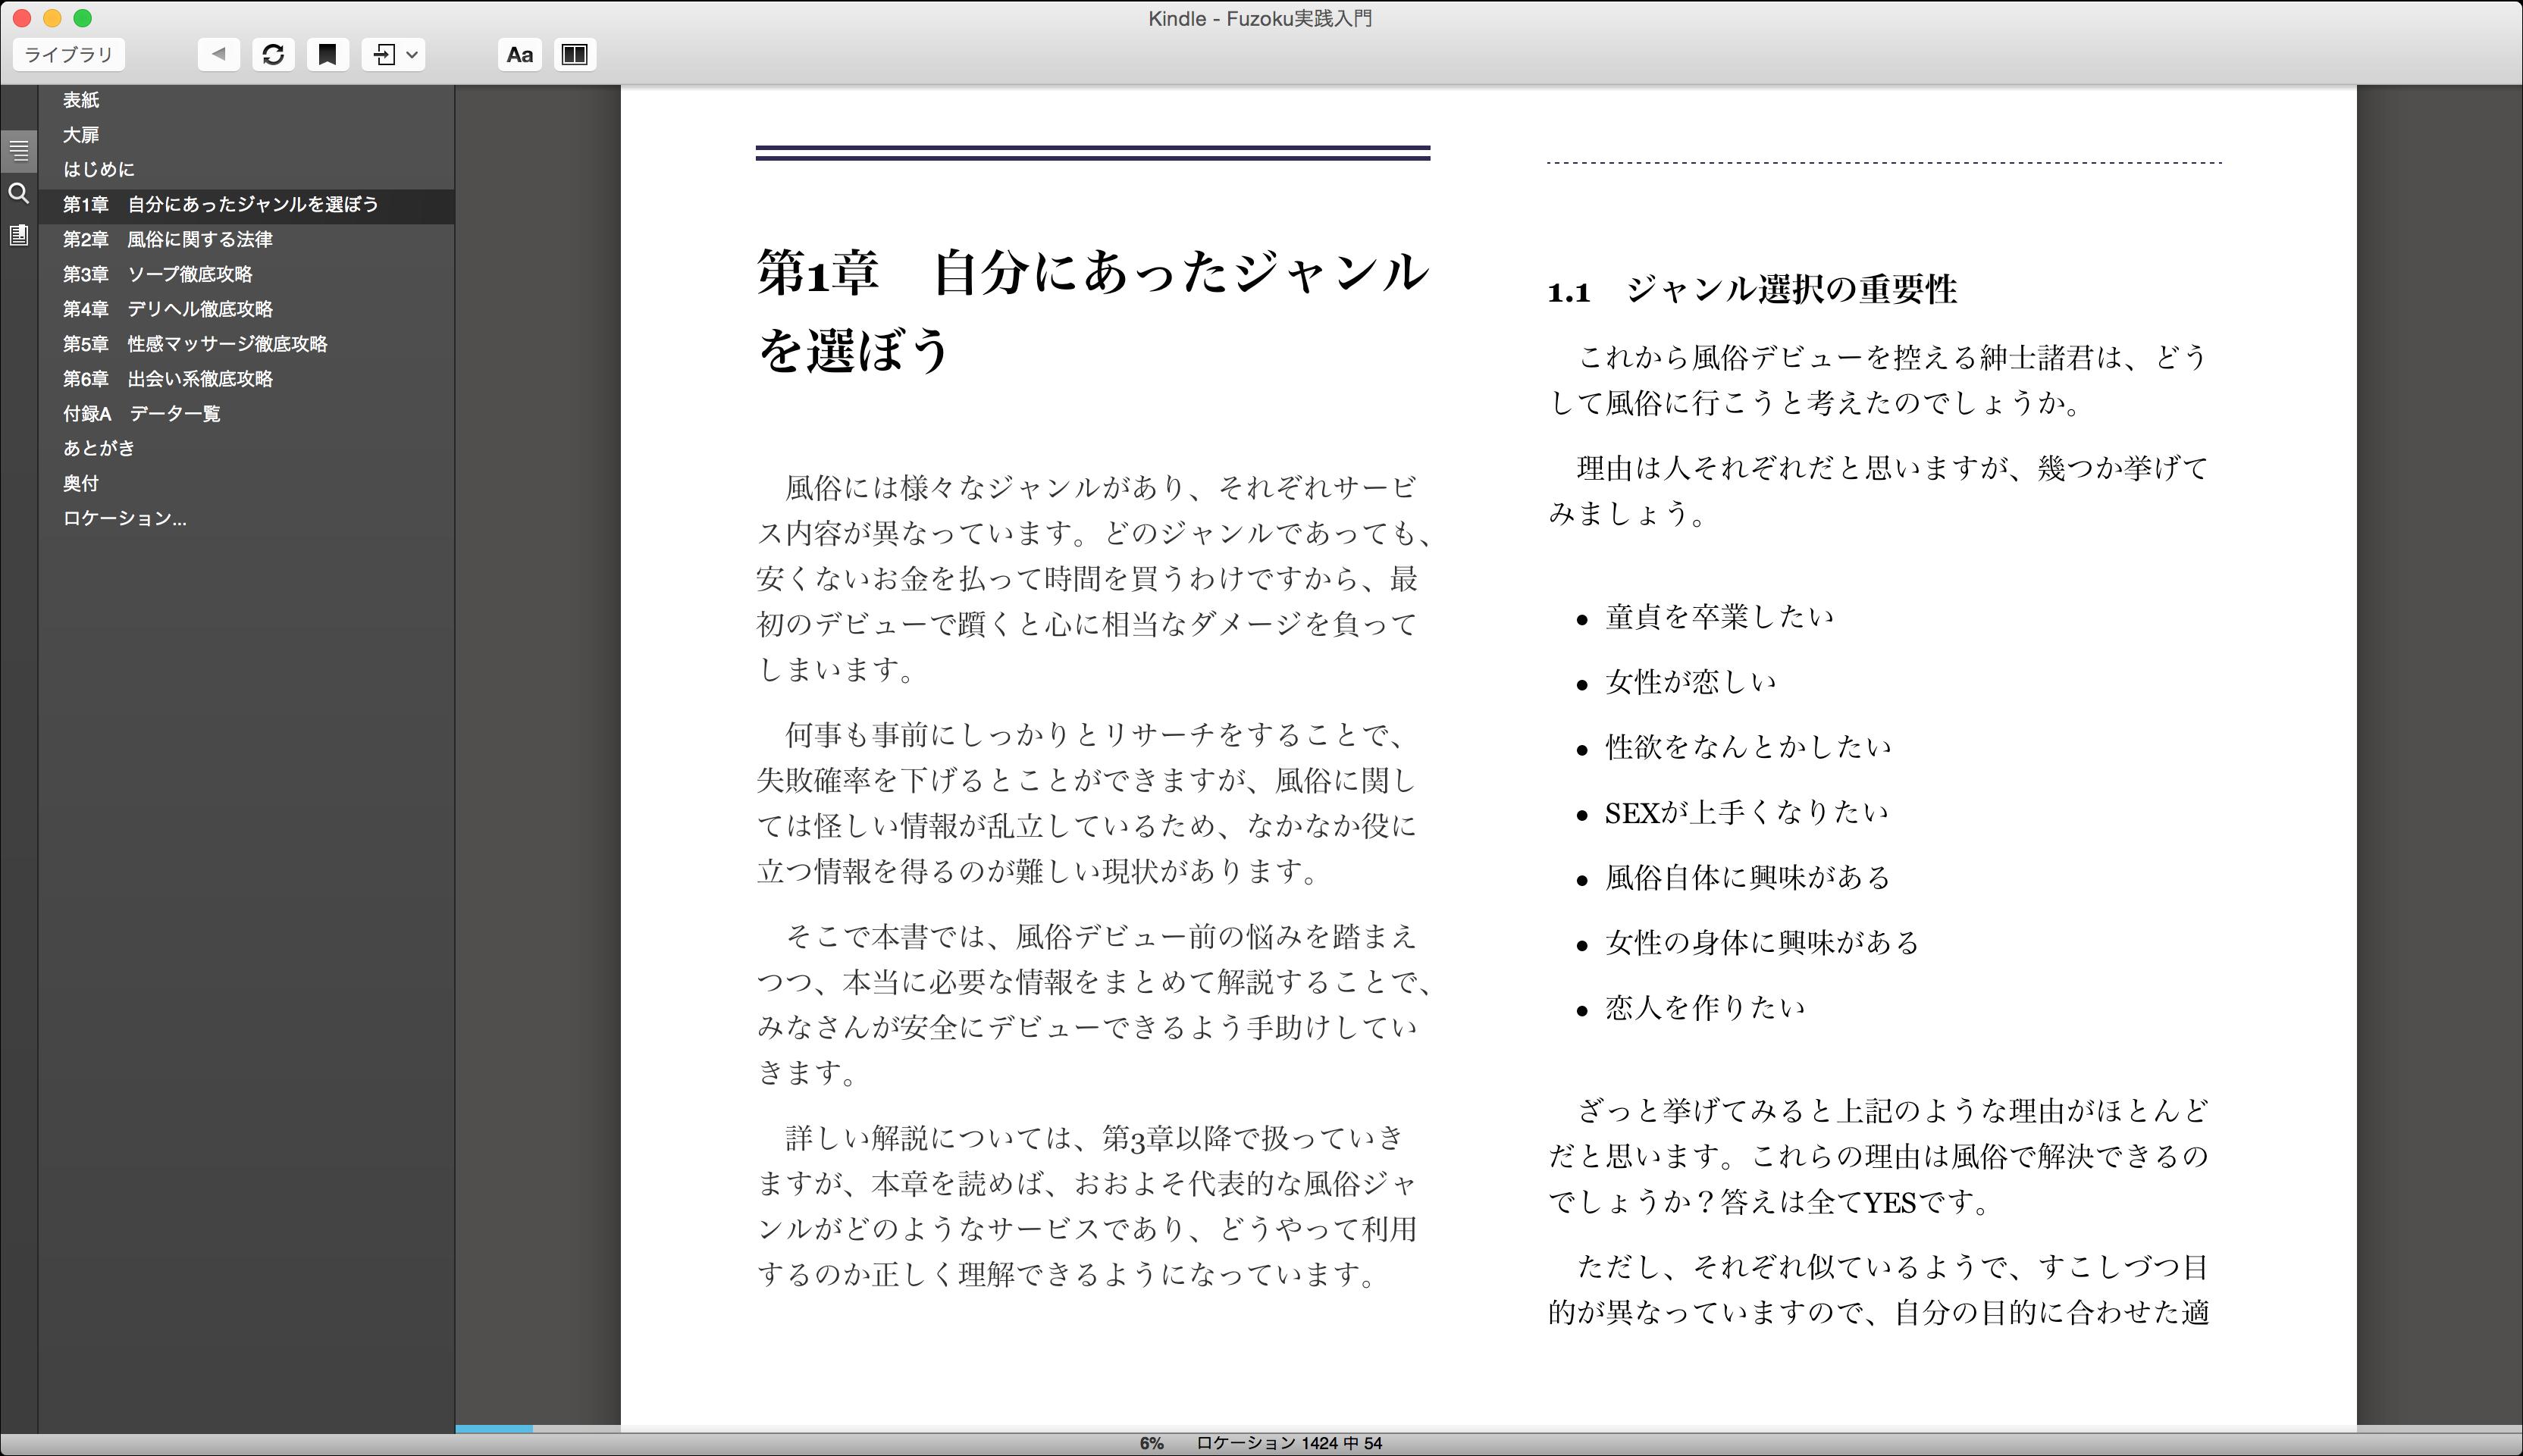 MOBI版のFuzoku実践入門プレビュー